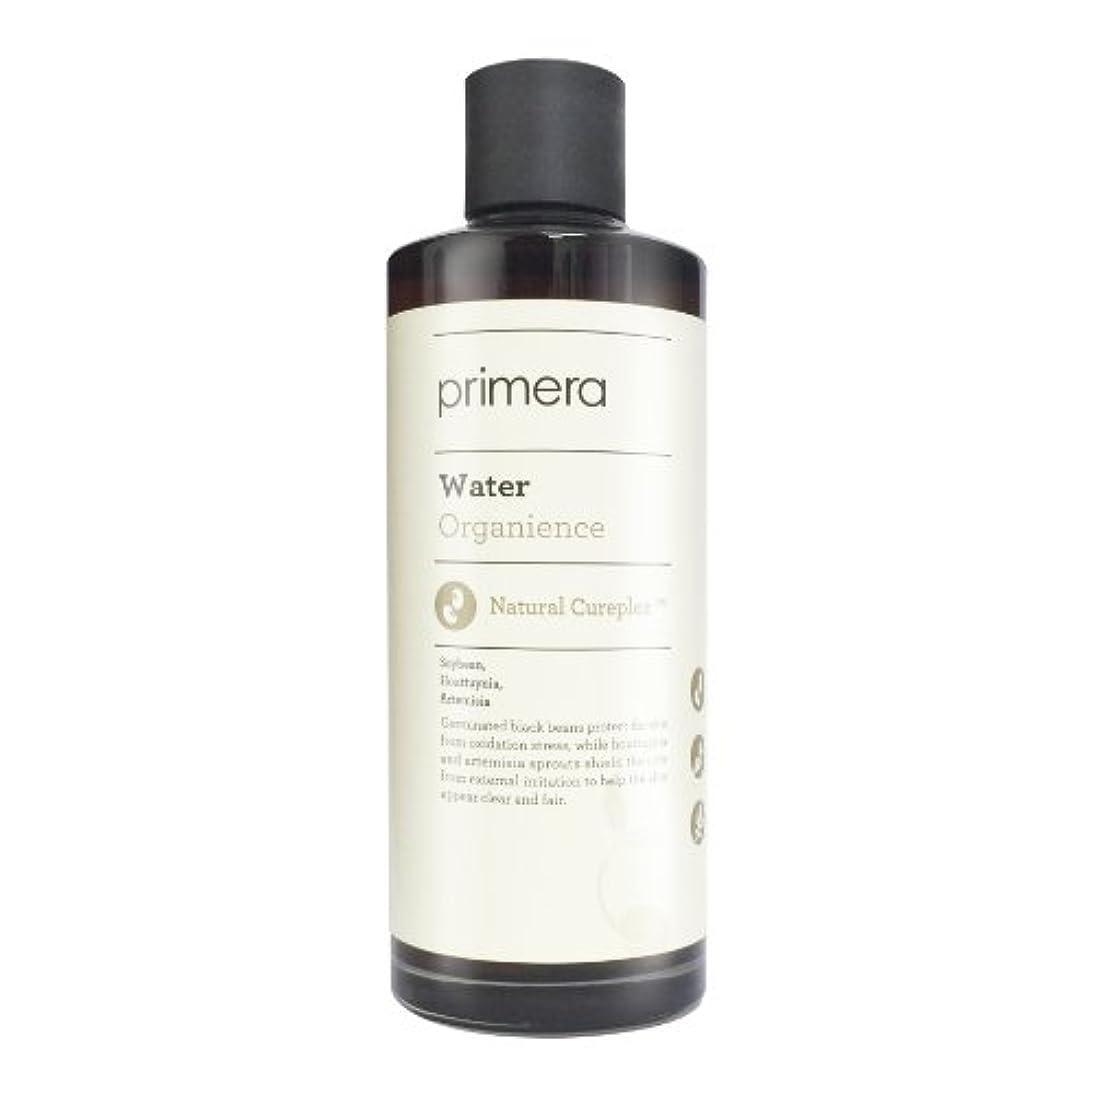 抑制石膏横Primera/プリメラ オーガニエンスウォーター180ml(Organience water)